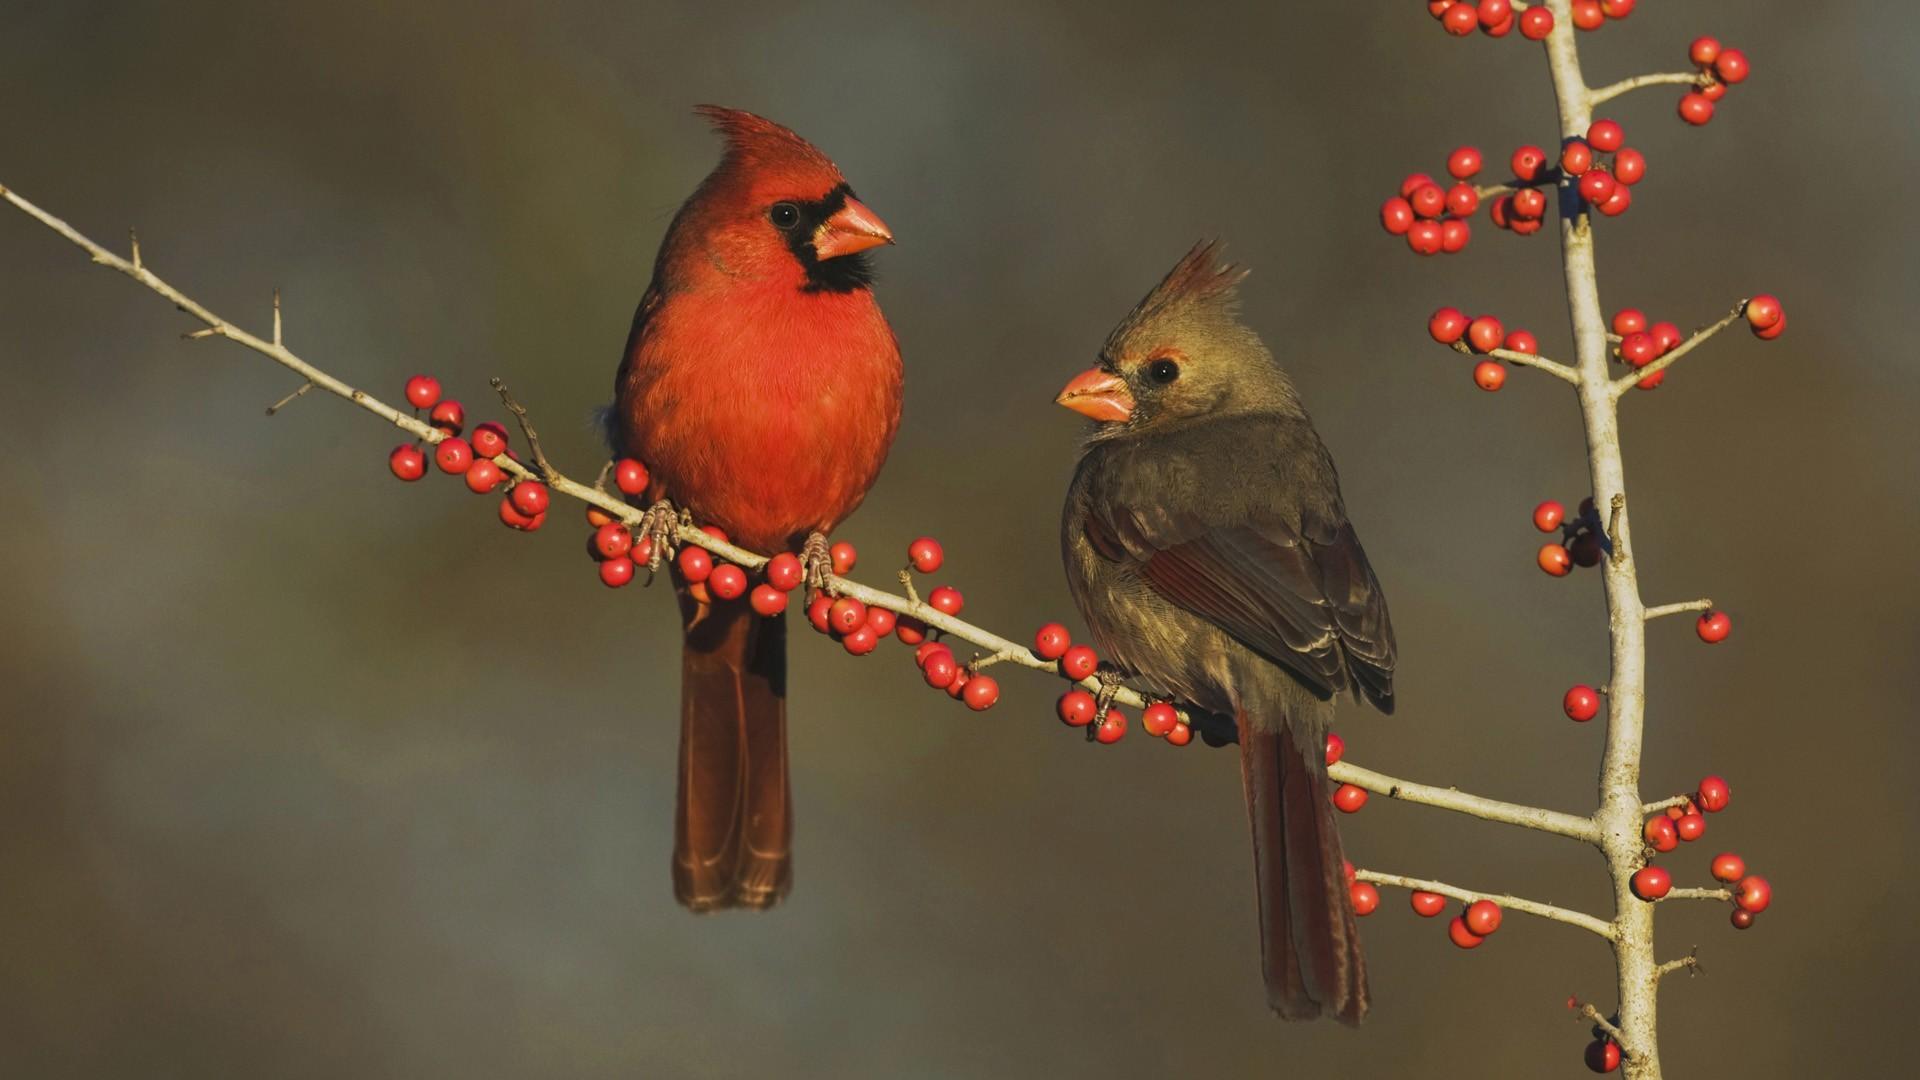 Res: 1920x1080, 7. louisville-cardinals-wallpaper-HD7-600x338